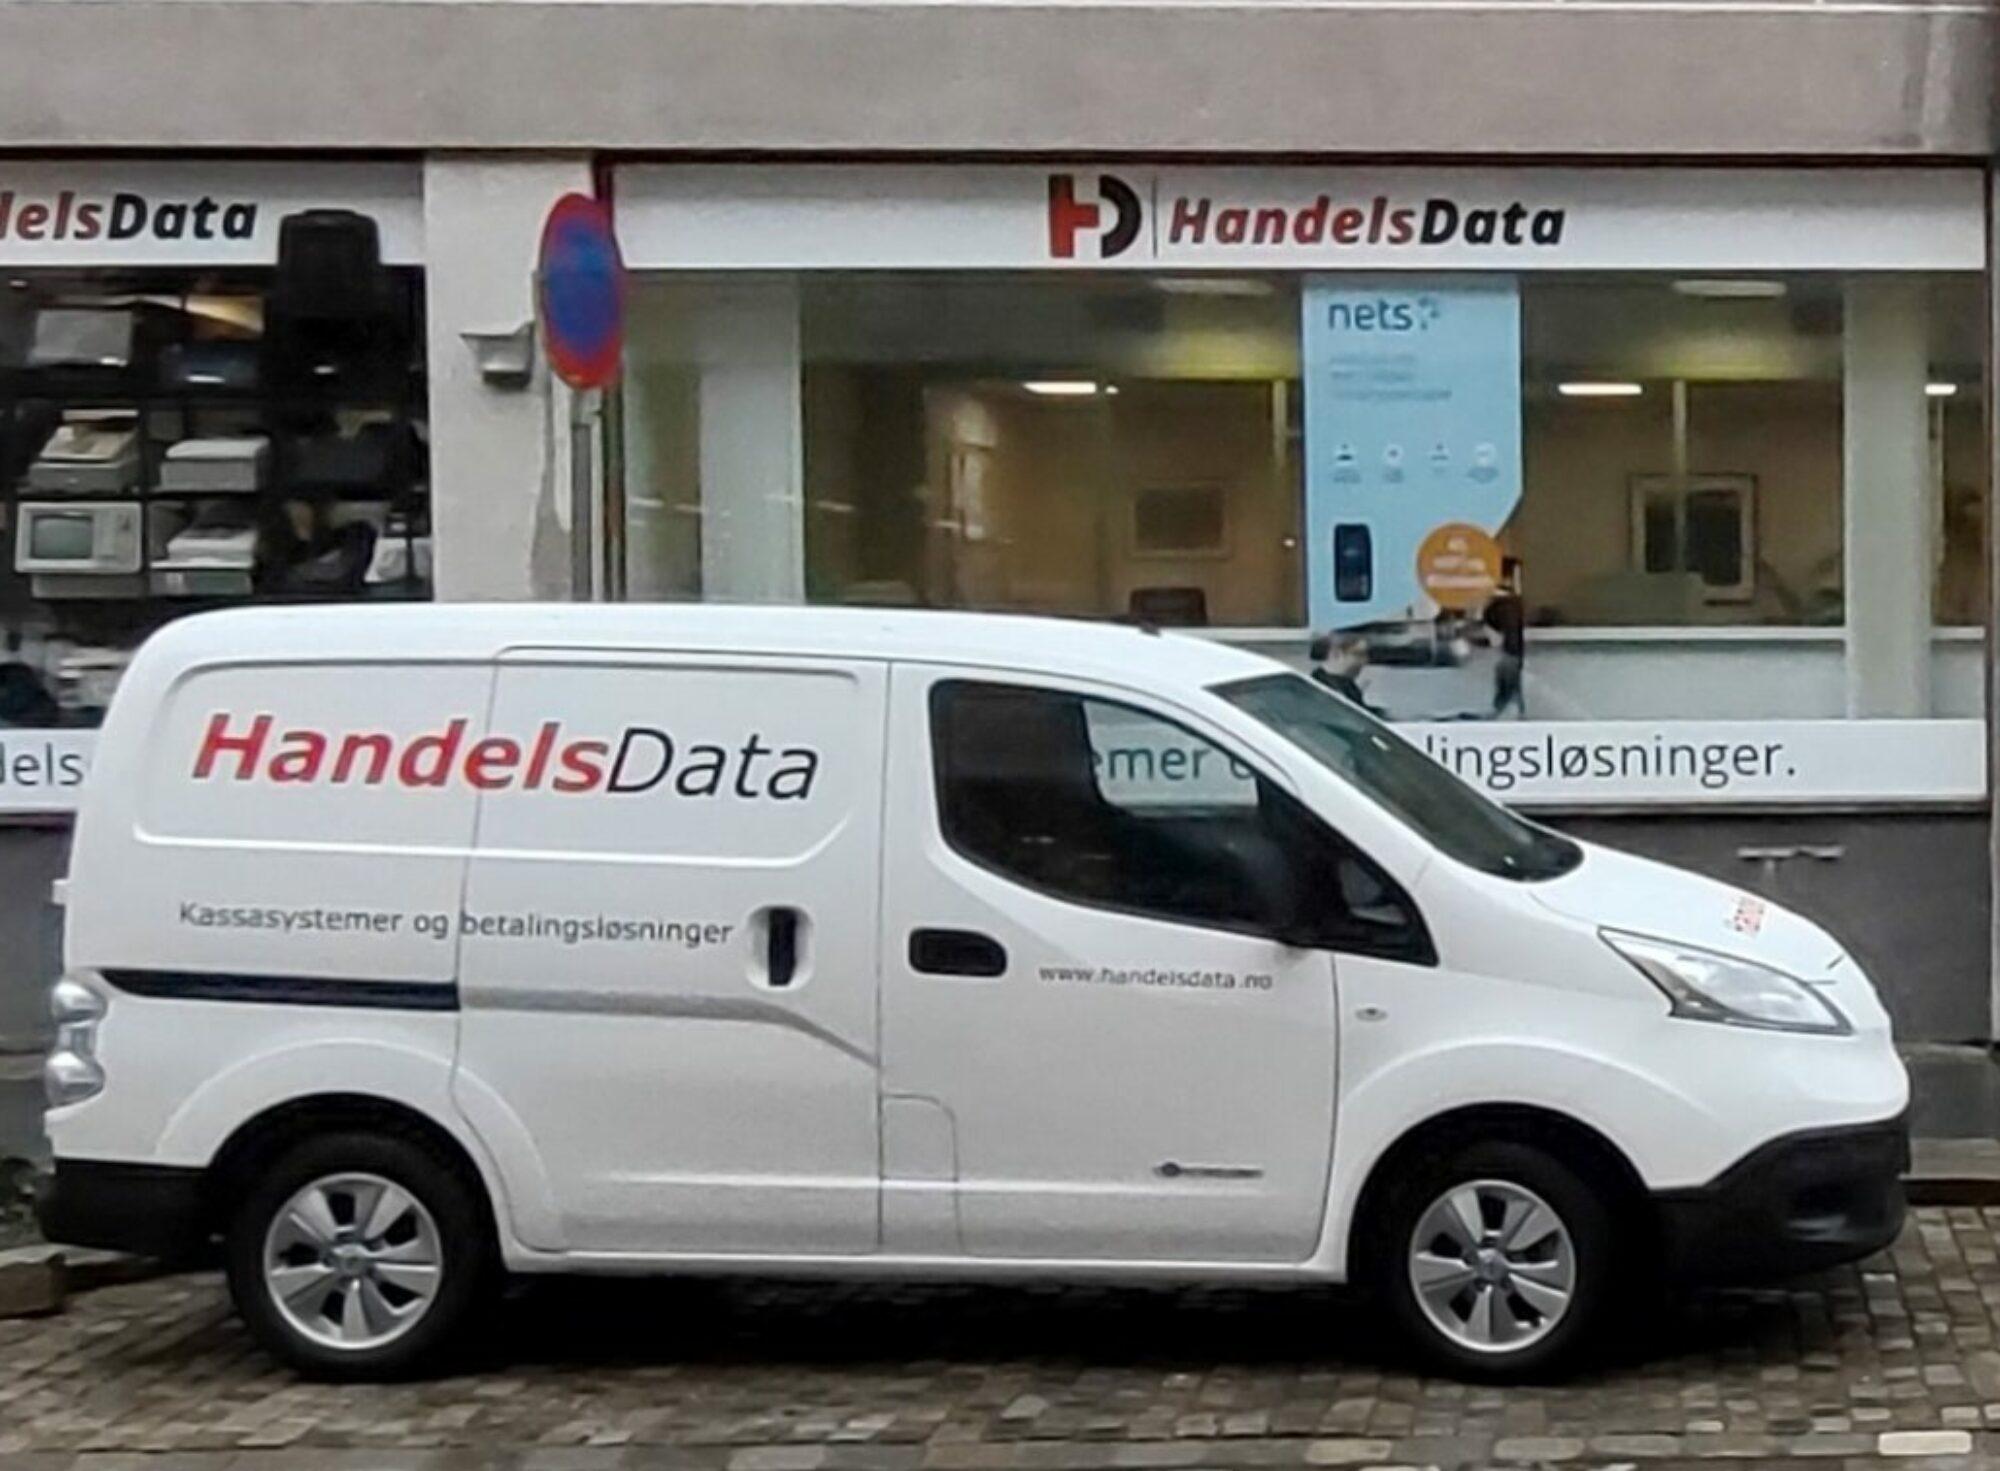 HandelsData Bergens største utvalg i Sharp kassasystemer og Verifone / Nets betalingsterminaler